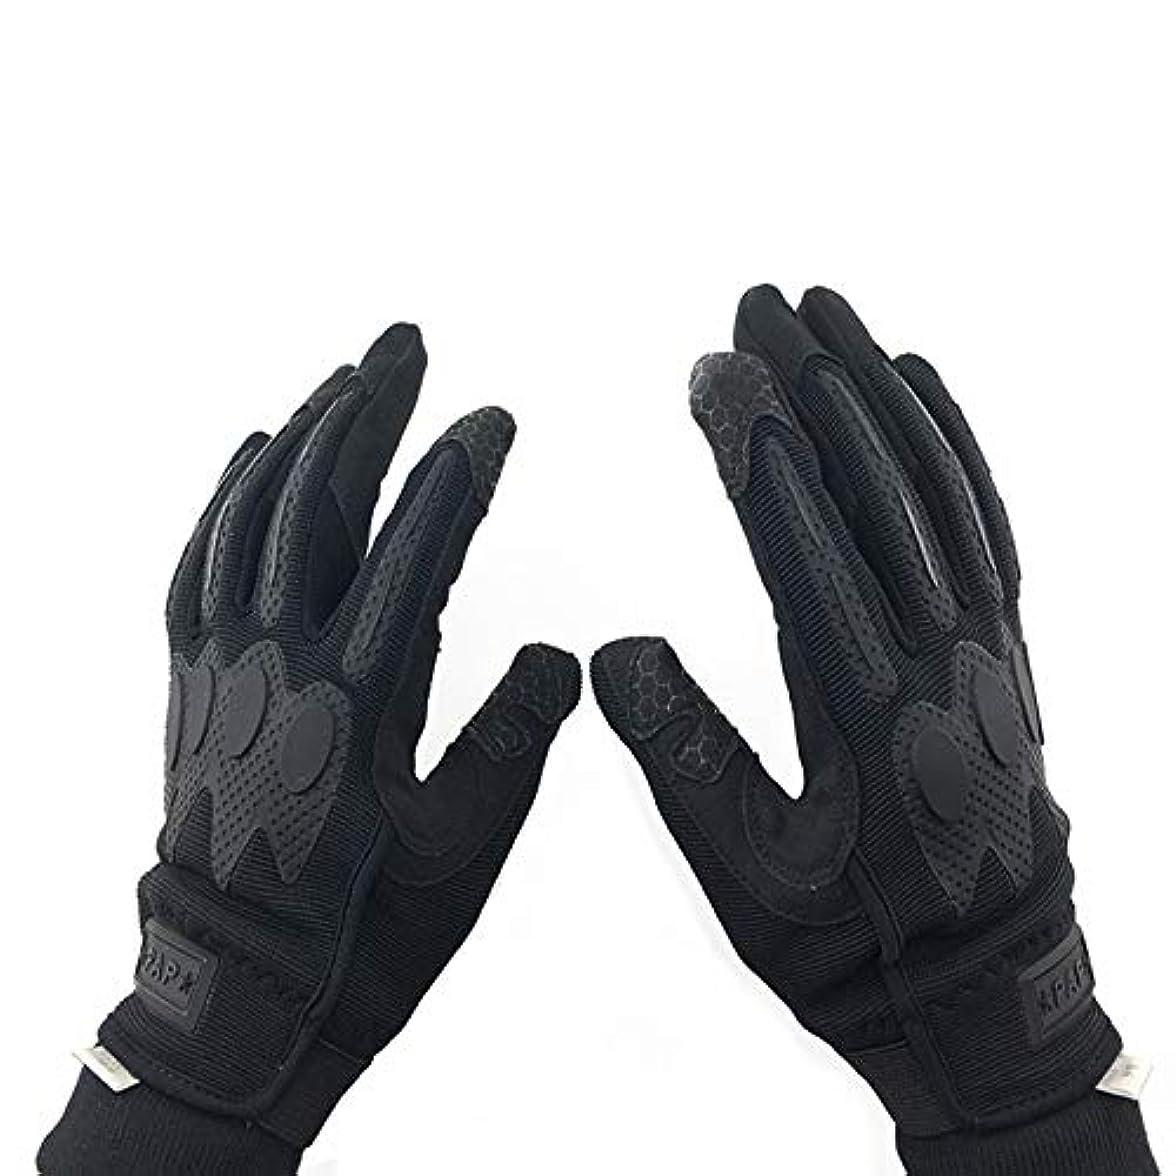 注文最終的にスピーカーLIUXJUAN 屋外トレーニング義務手袋、ユニフォームグローブ、アウトドアスポーツグローブ、アウトドアライディングウォームグローブ、ベルベットグローブ LIUXJUAN (サイズ さいず : S s)